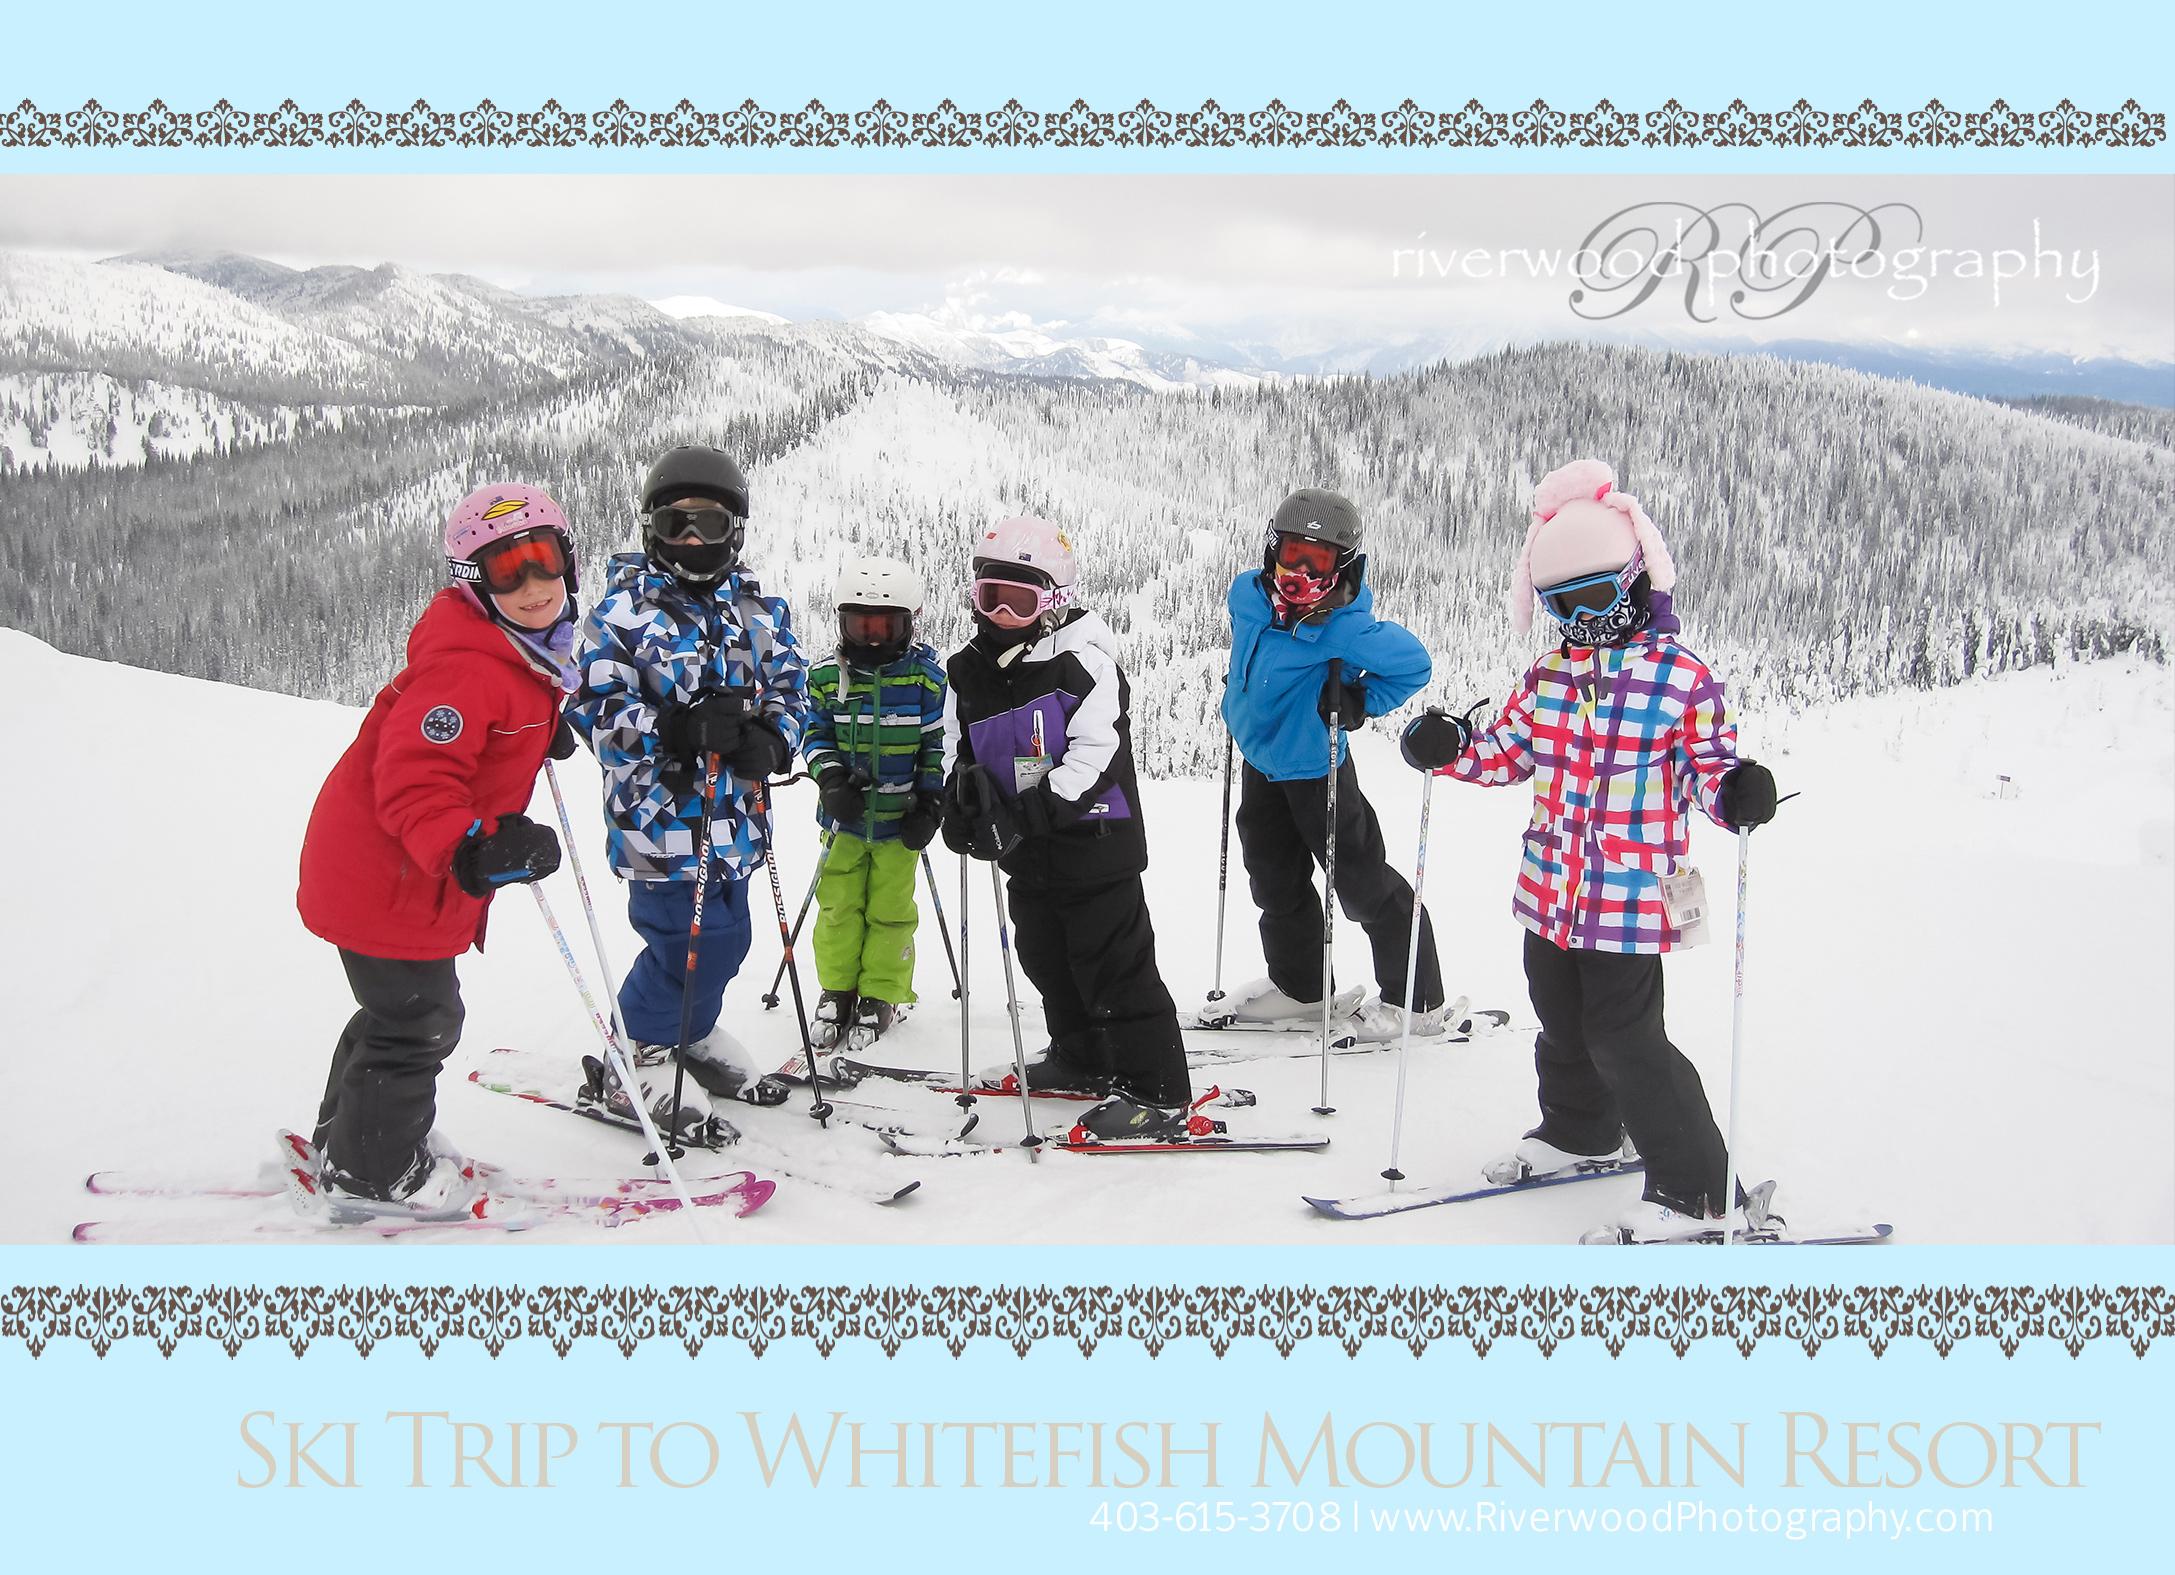 Ski Trip to Whitefish Mountain Resort